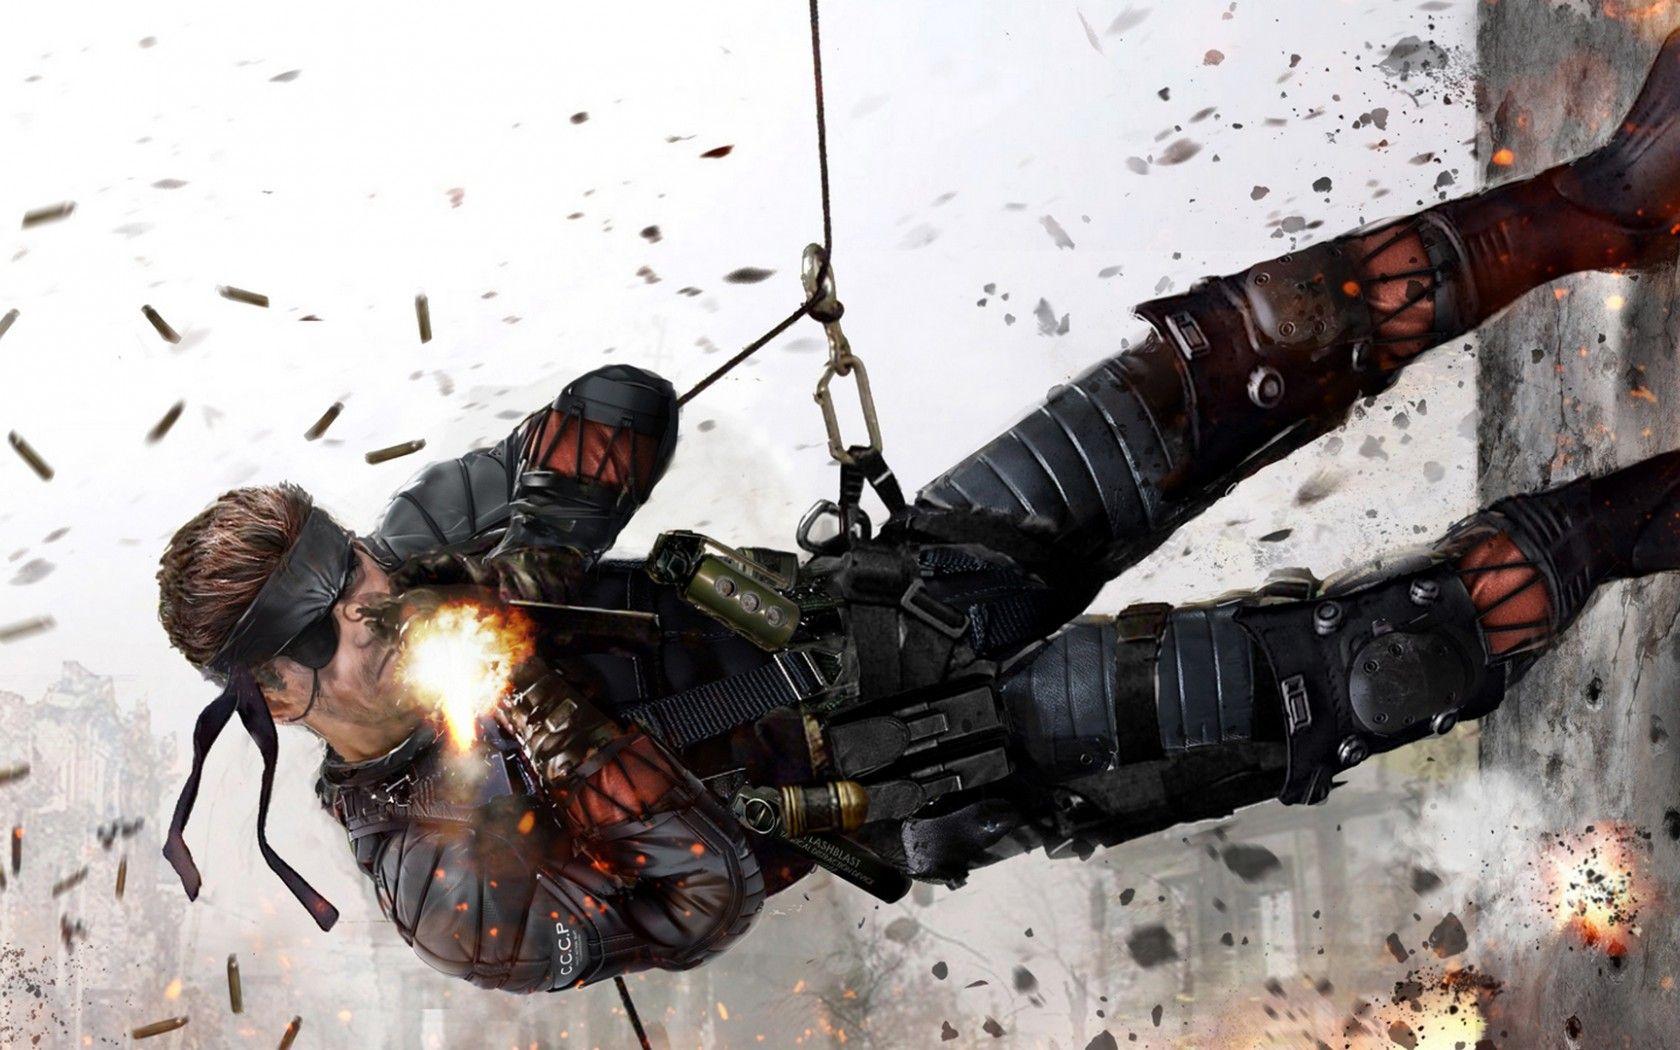 Metal Gear Solid Big Boss Wallpaper Videojuegos Juegos Y